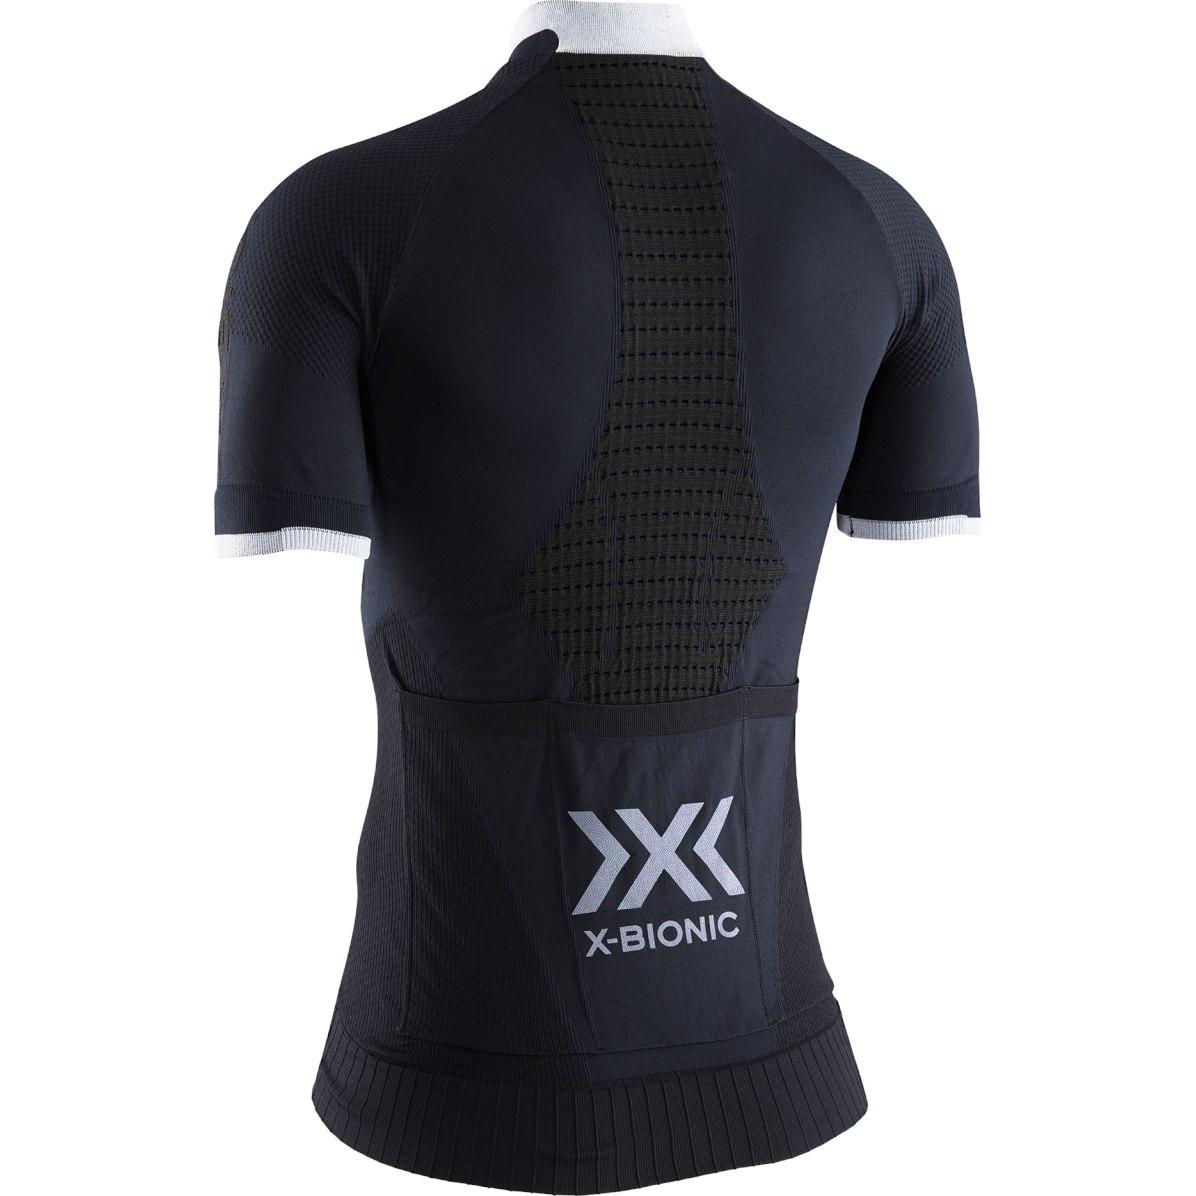 Bild von X-Bionic Invent 4.0 Bike Race Zip Kurzarmtrikot für Damen - opal black/arctic white